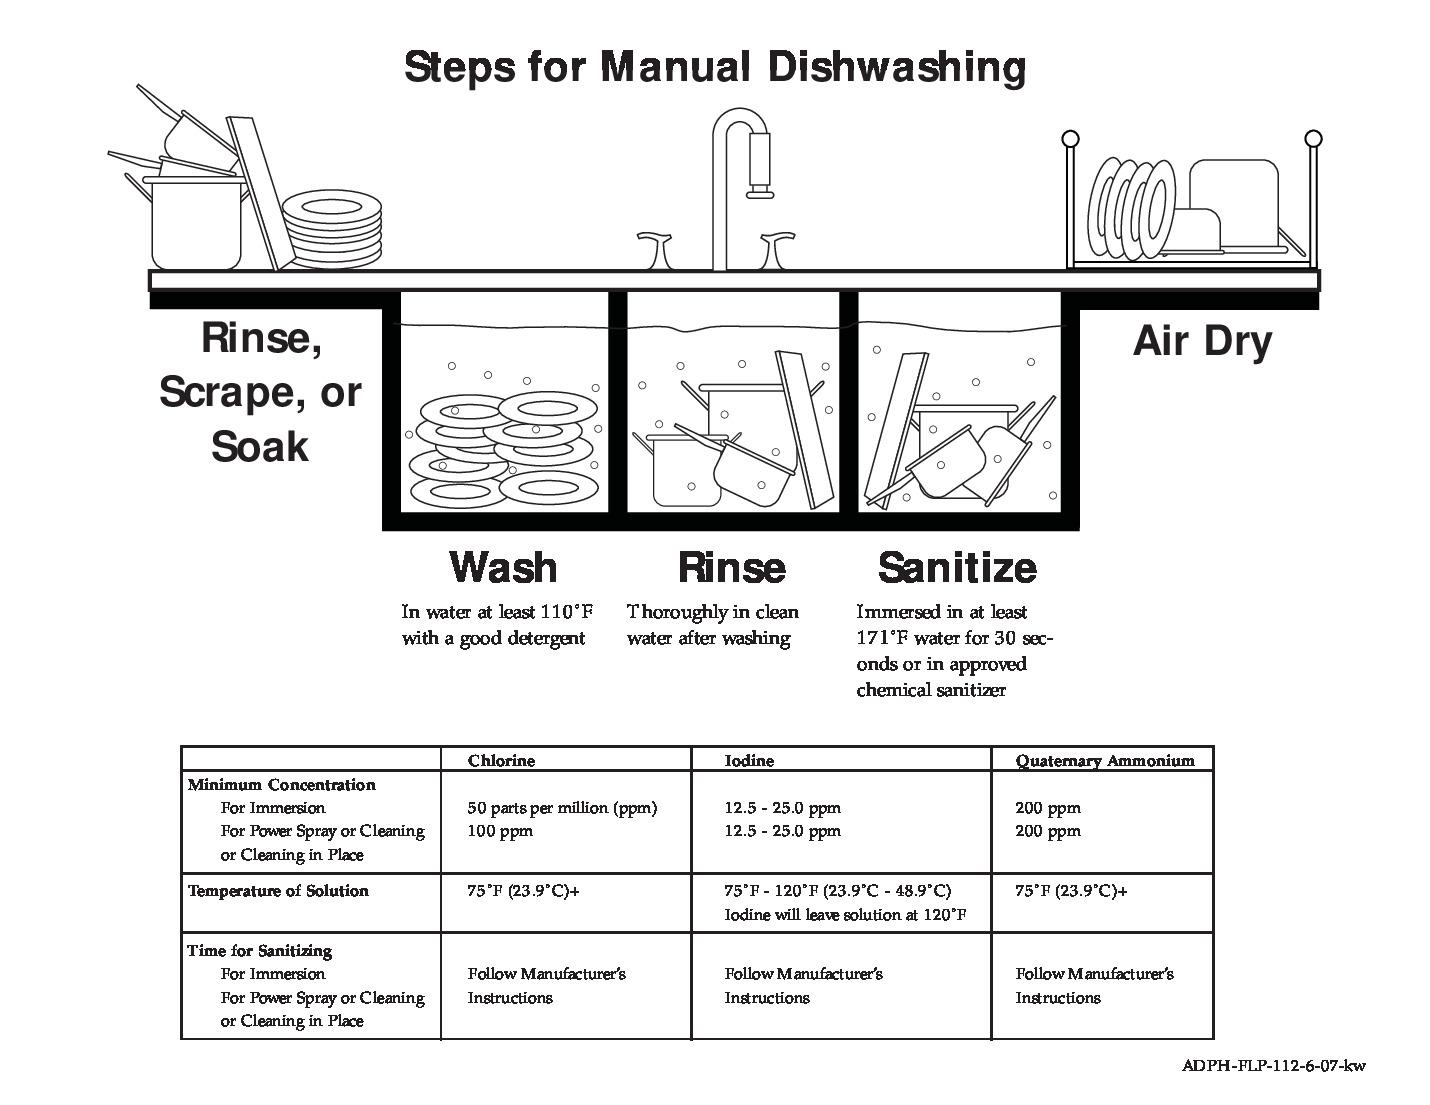 Free Alabama Manual Dishwashing Labor Law Poster 2021